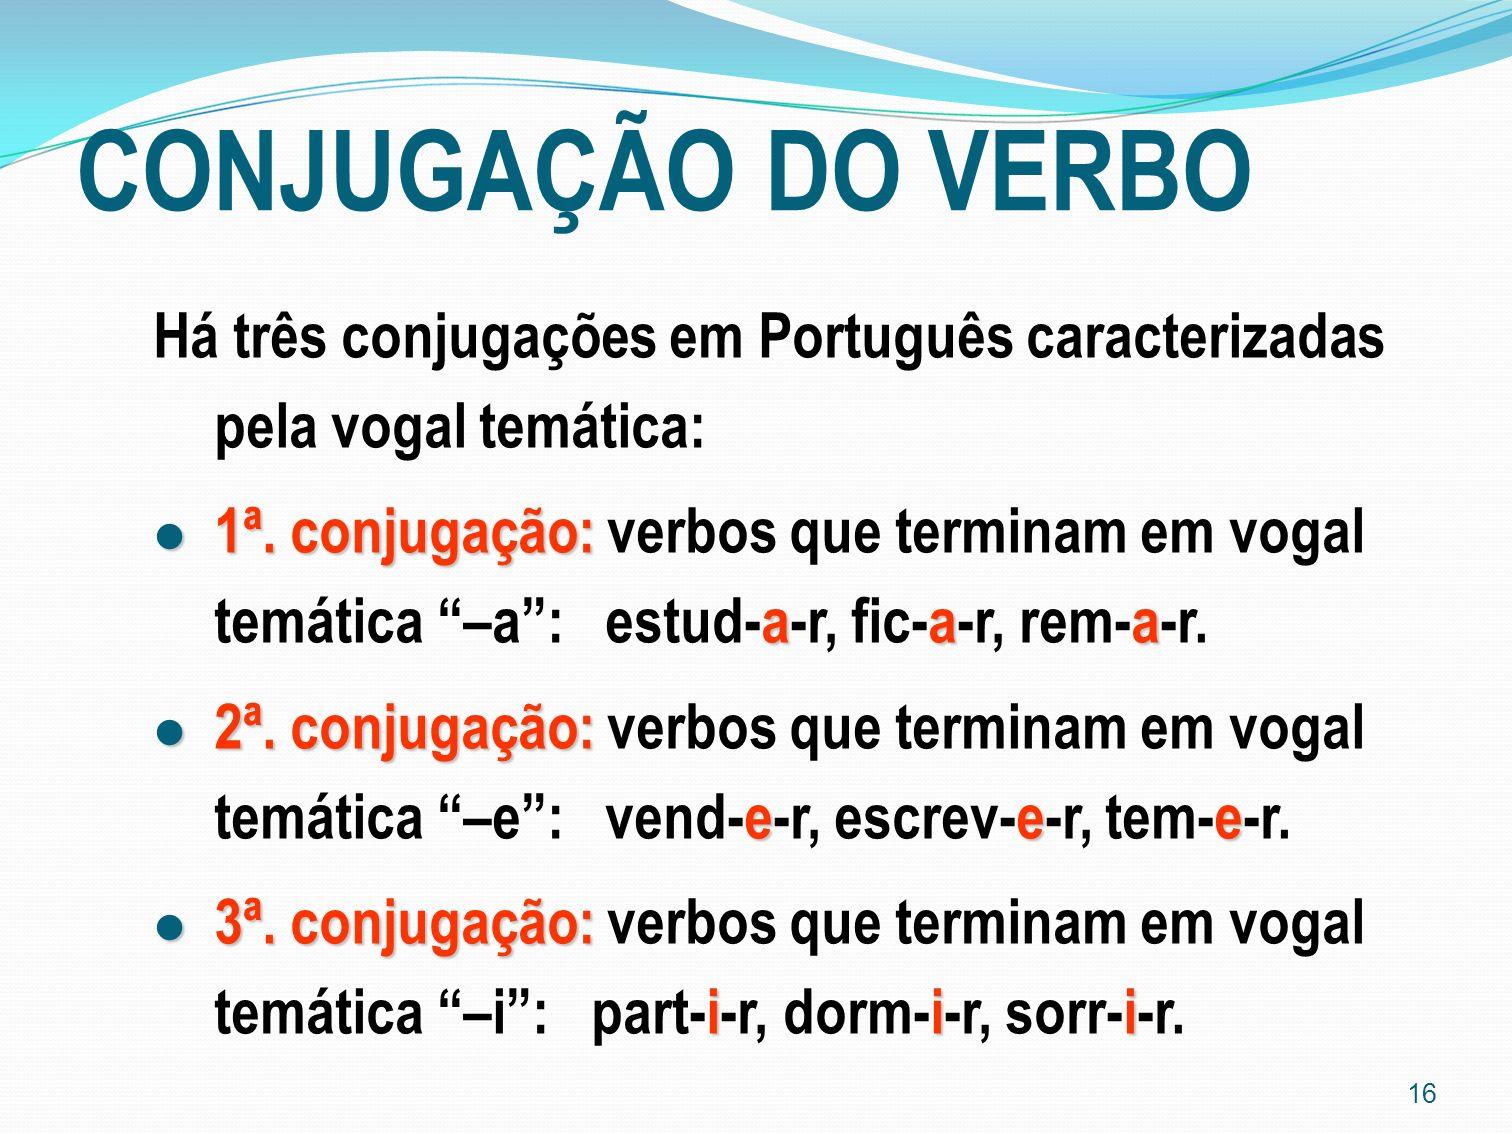 16 CONJUGAÇÃO DO VERBO Há três conjugações em Português caracterizadas pela vogal temática: 1ª. conjugação: aaa 1ª. conjugação: verbos que terminam em